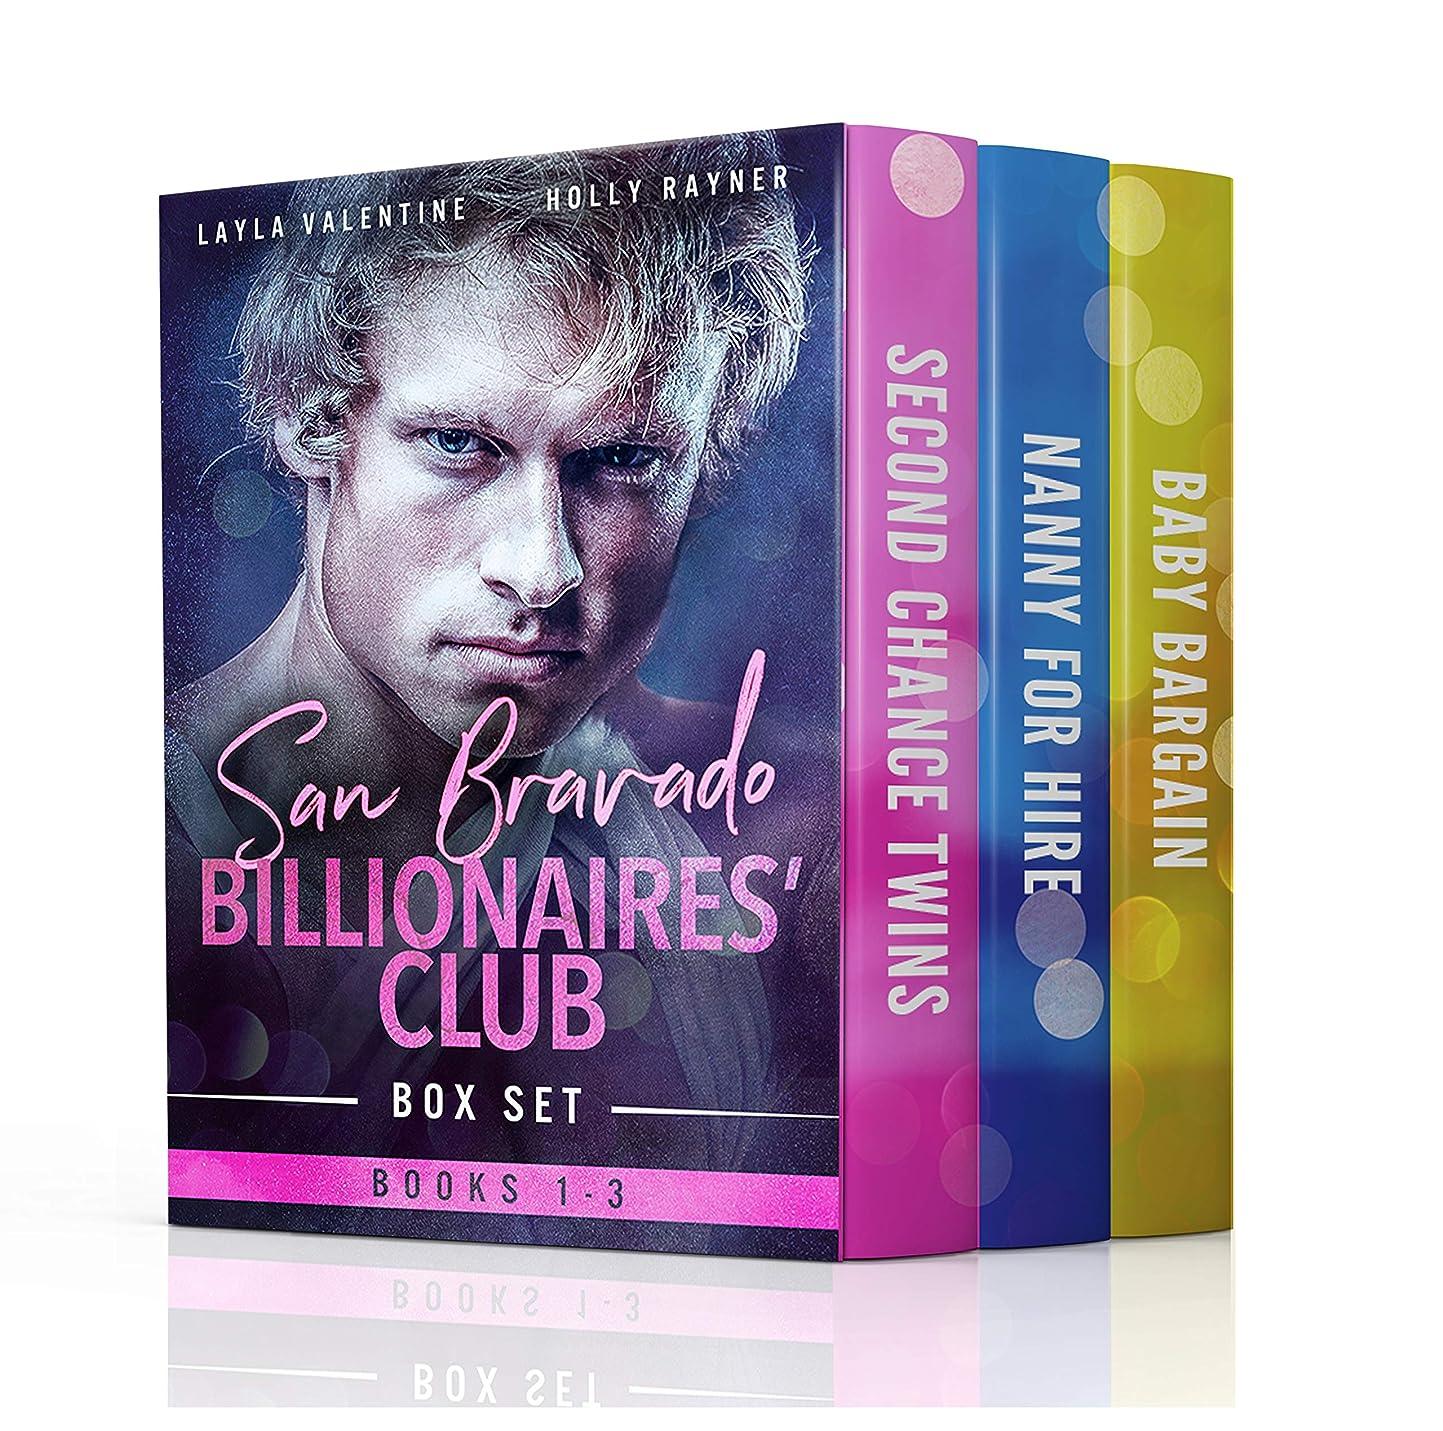 嫌い保護するプレフィックスSan Bravado Billionaires' Club Box Set: Books 1 - 3 (English Edition)